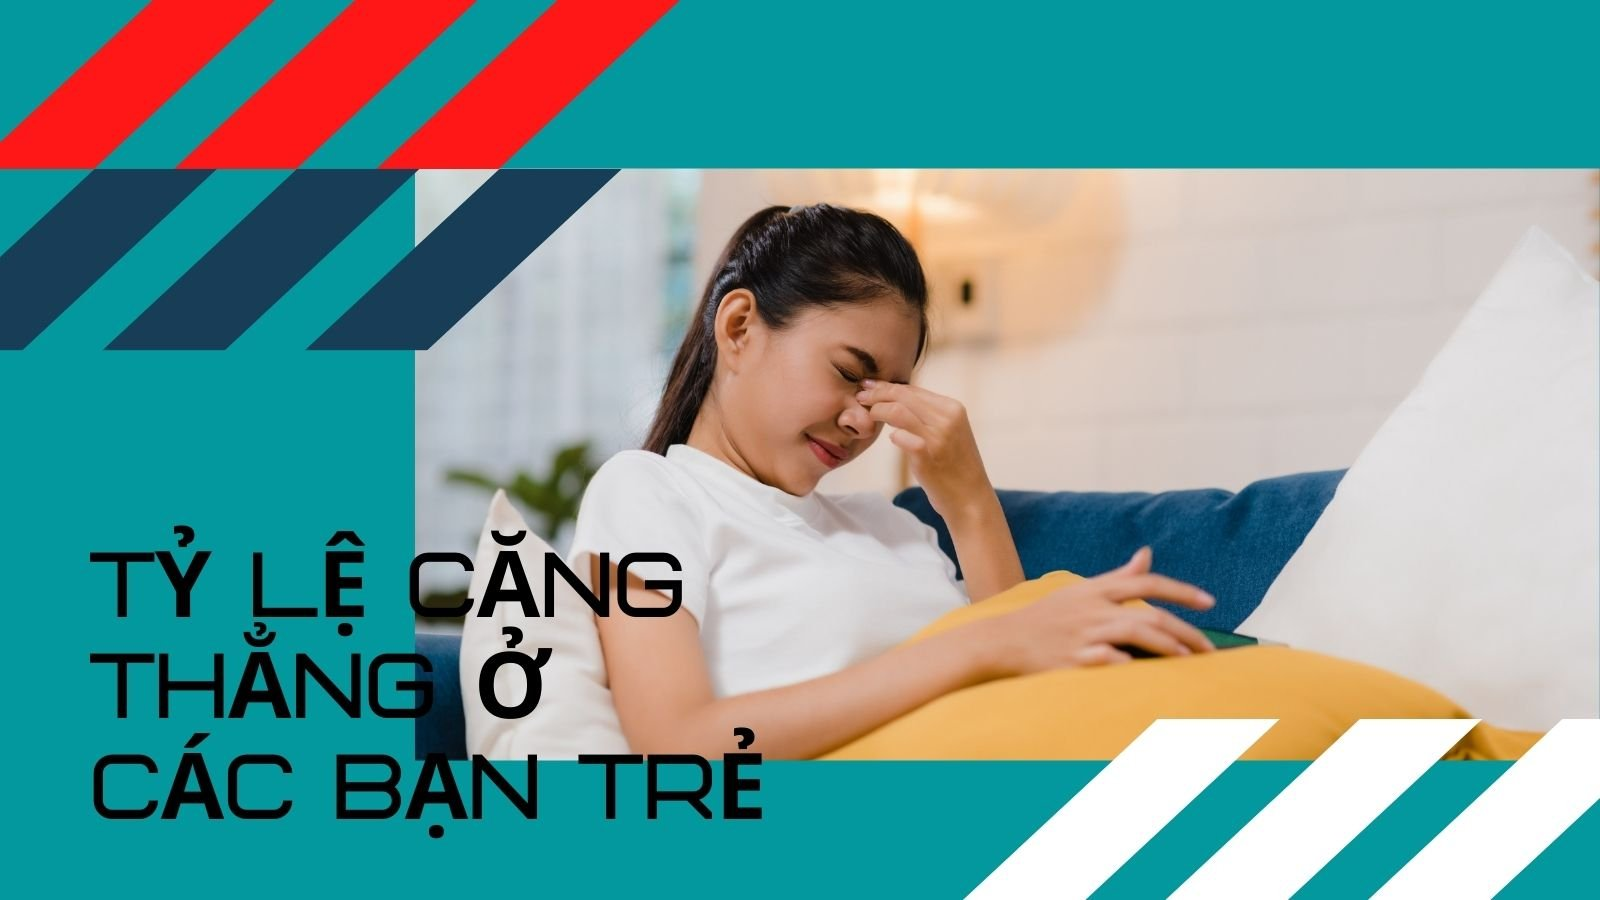 cang_thang_o_cac_ban_tre